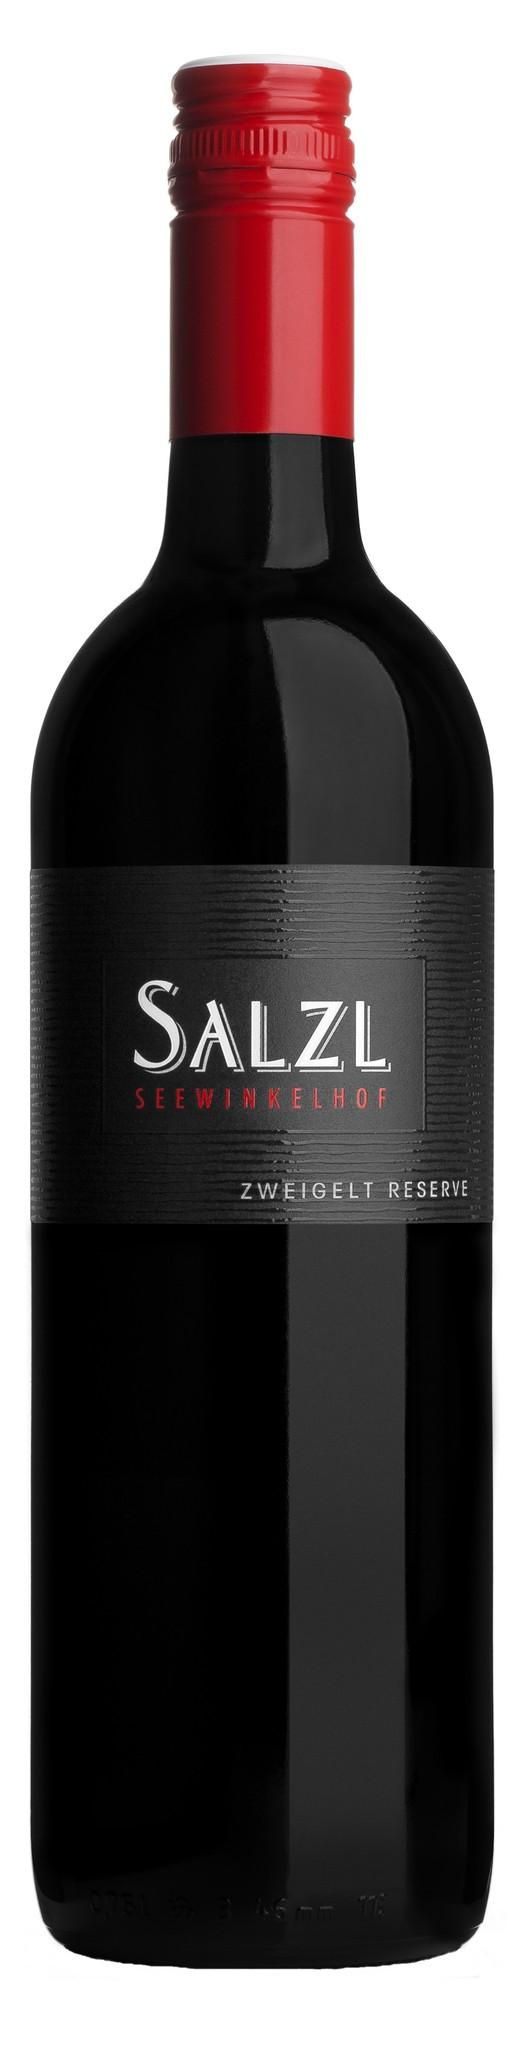 Salzl, Burgenland 2017 Zweigelt Reserve, Salzl, Burgenland